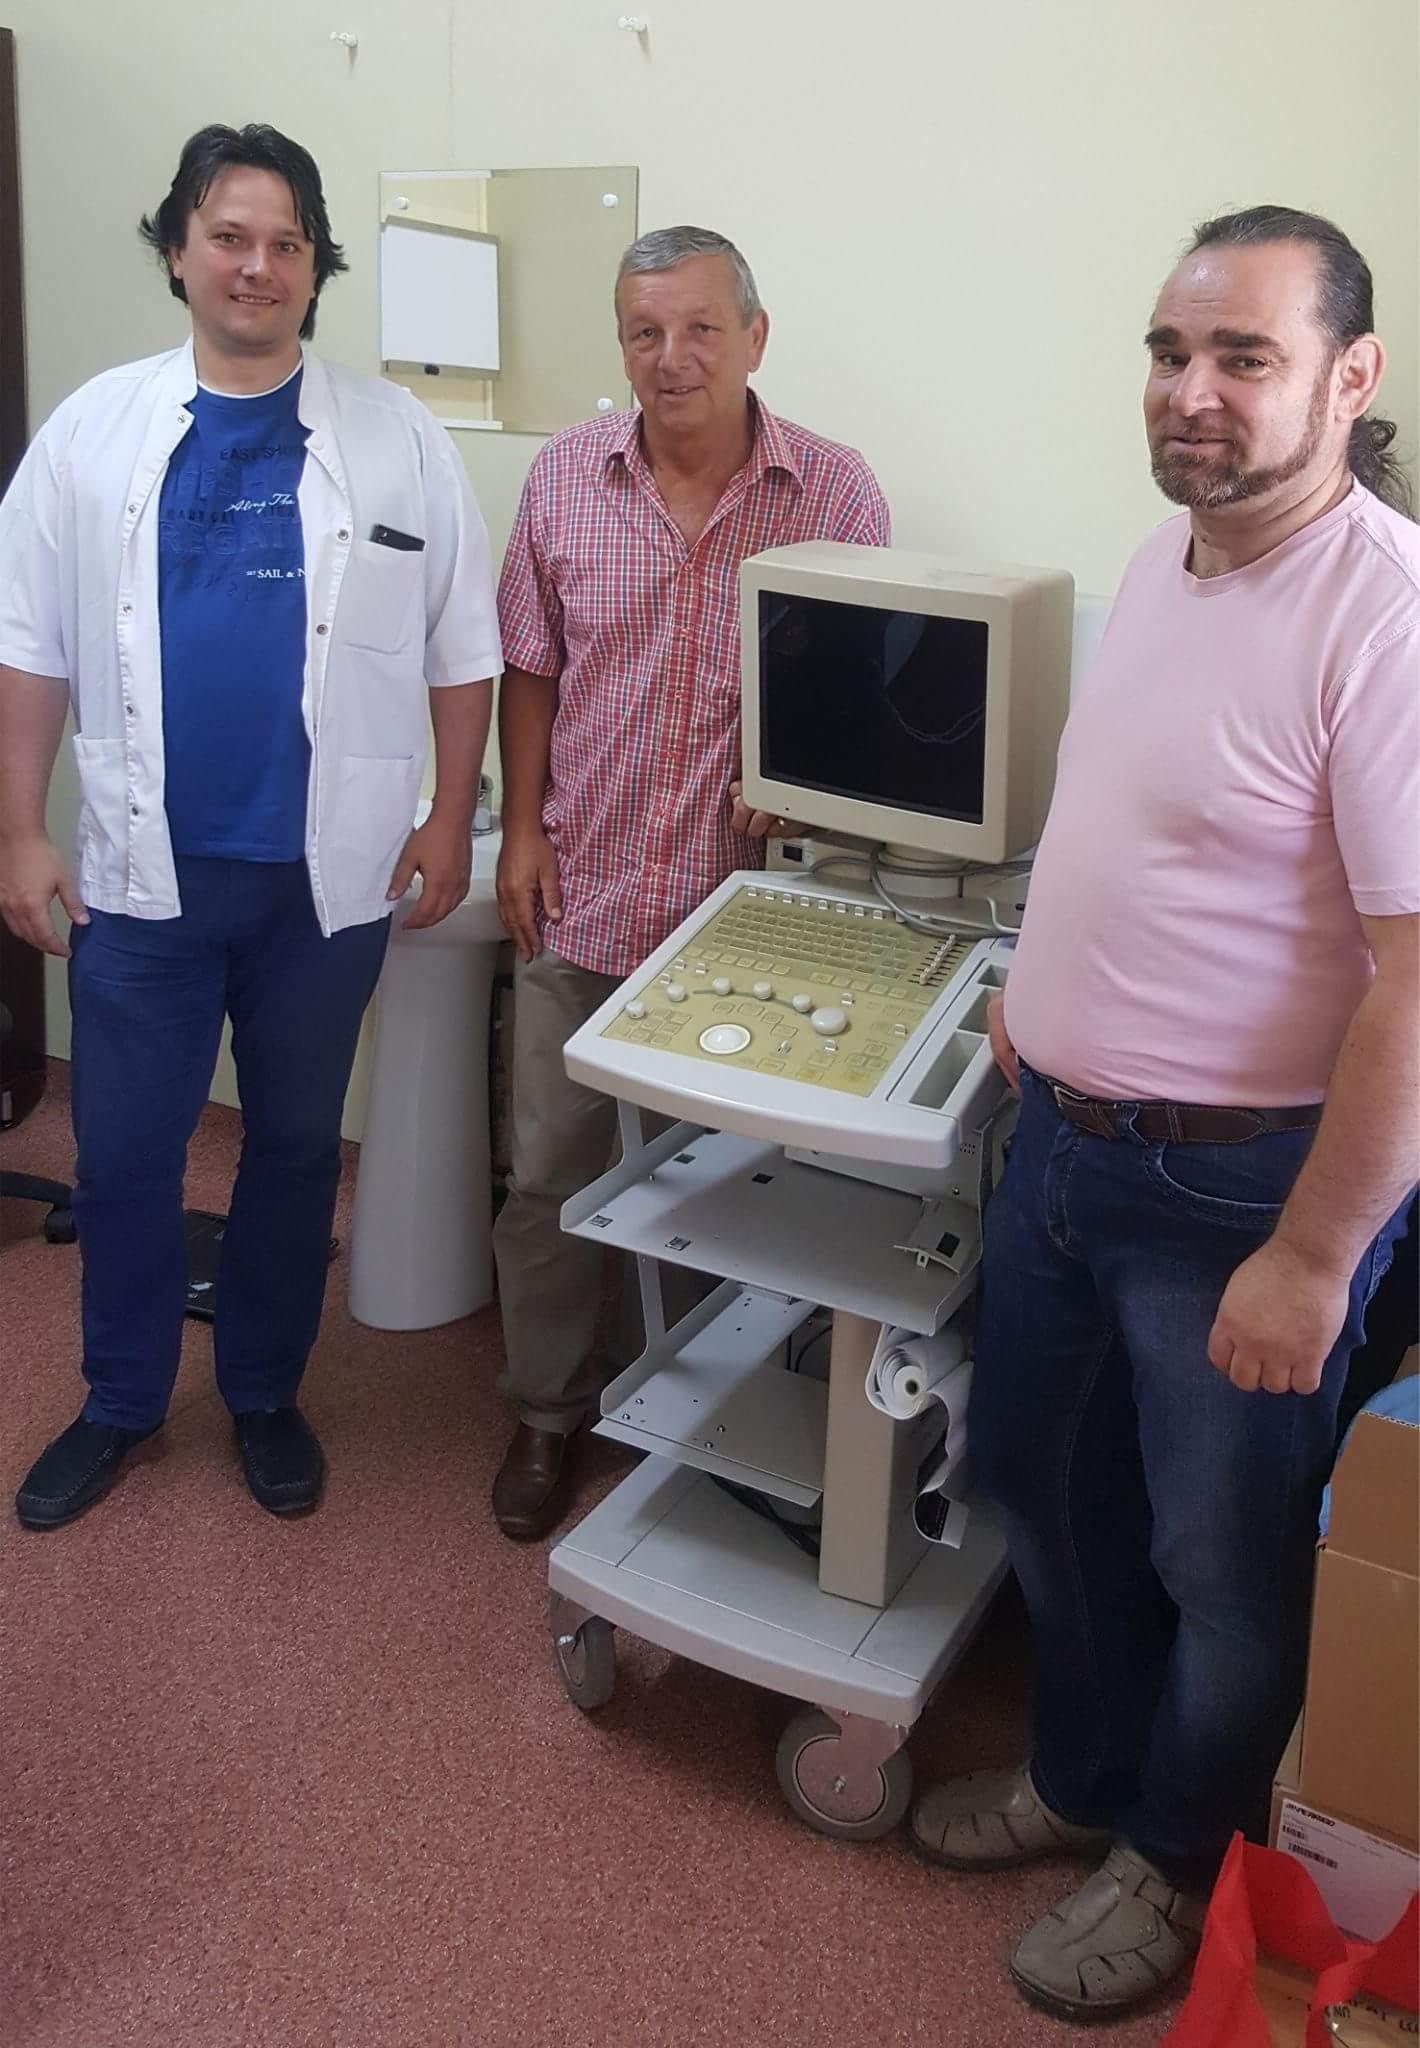 Spitalul Oraşenesc Lipova  beneficiază de aparatură şi echipamente medicale noi,  asigurate prin intermediul Cercului de Prietenie Germano-Român din Saarland